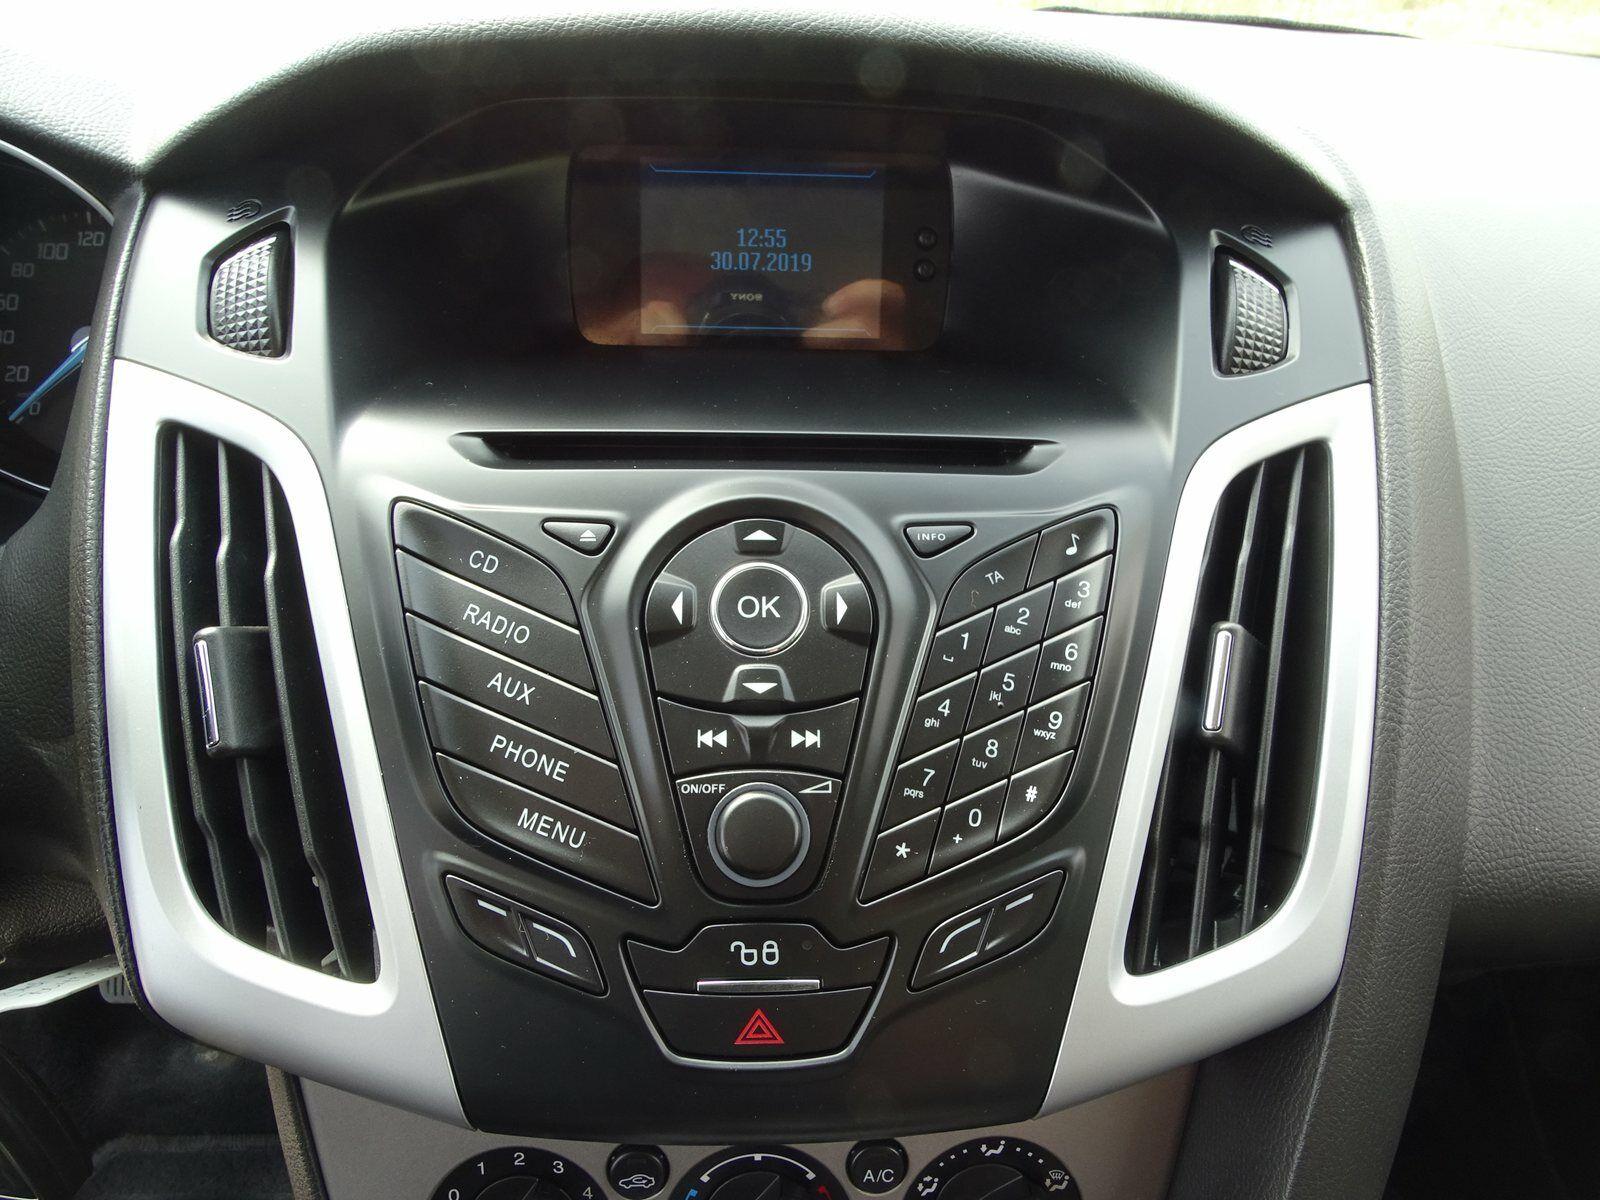 Ford Focus 1,6 TDCi 115 Trend stc. - billede 13